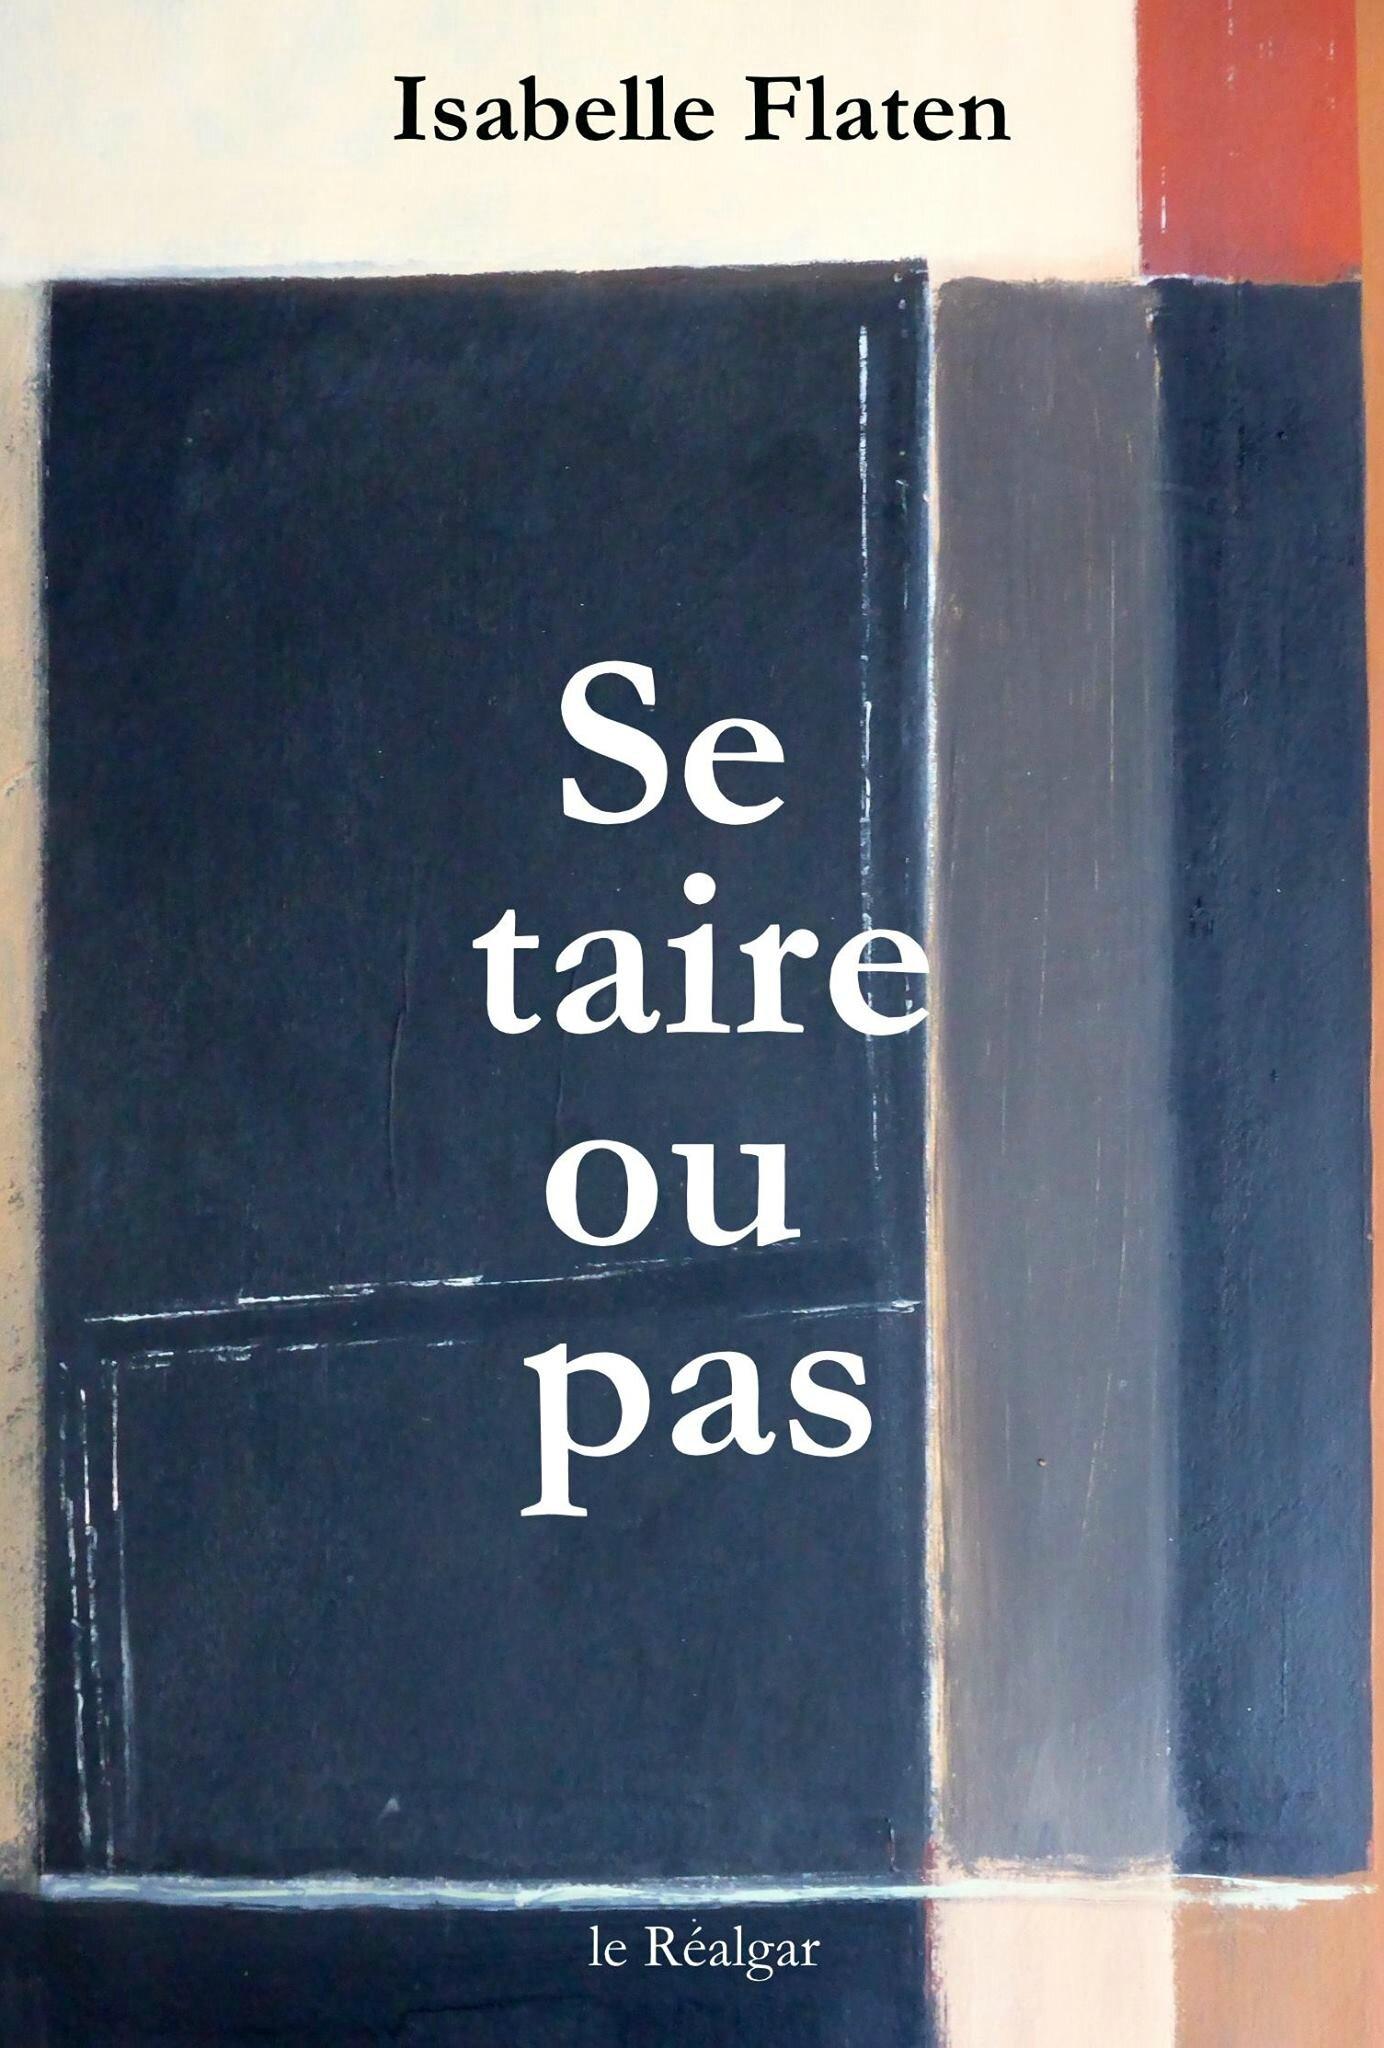 Isabelle Flaten - Se taire ou pas